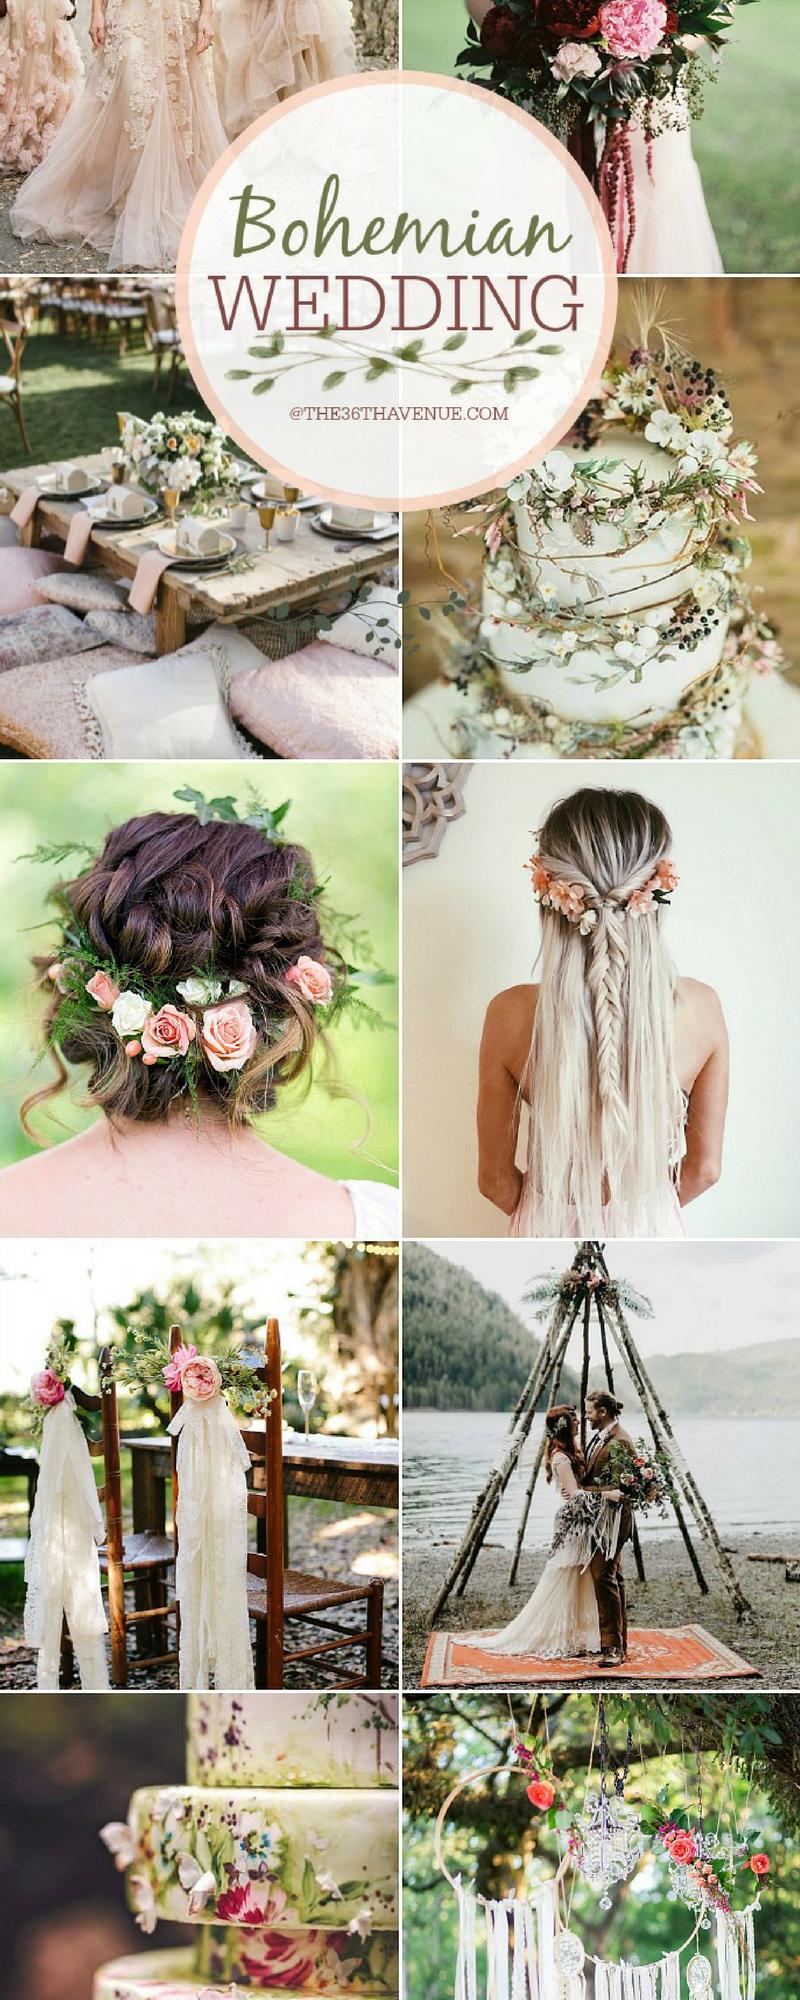 bohemian wedding ideas - diy boho chic wedding | perfect